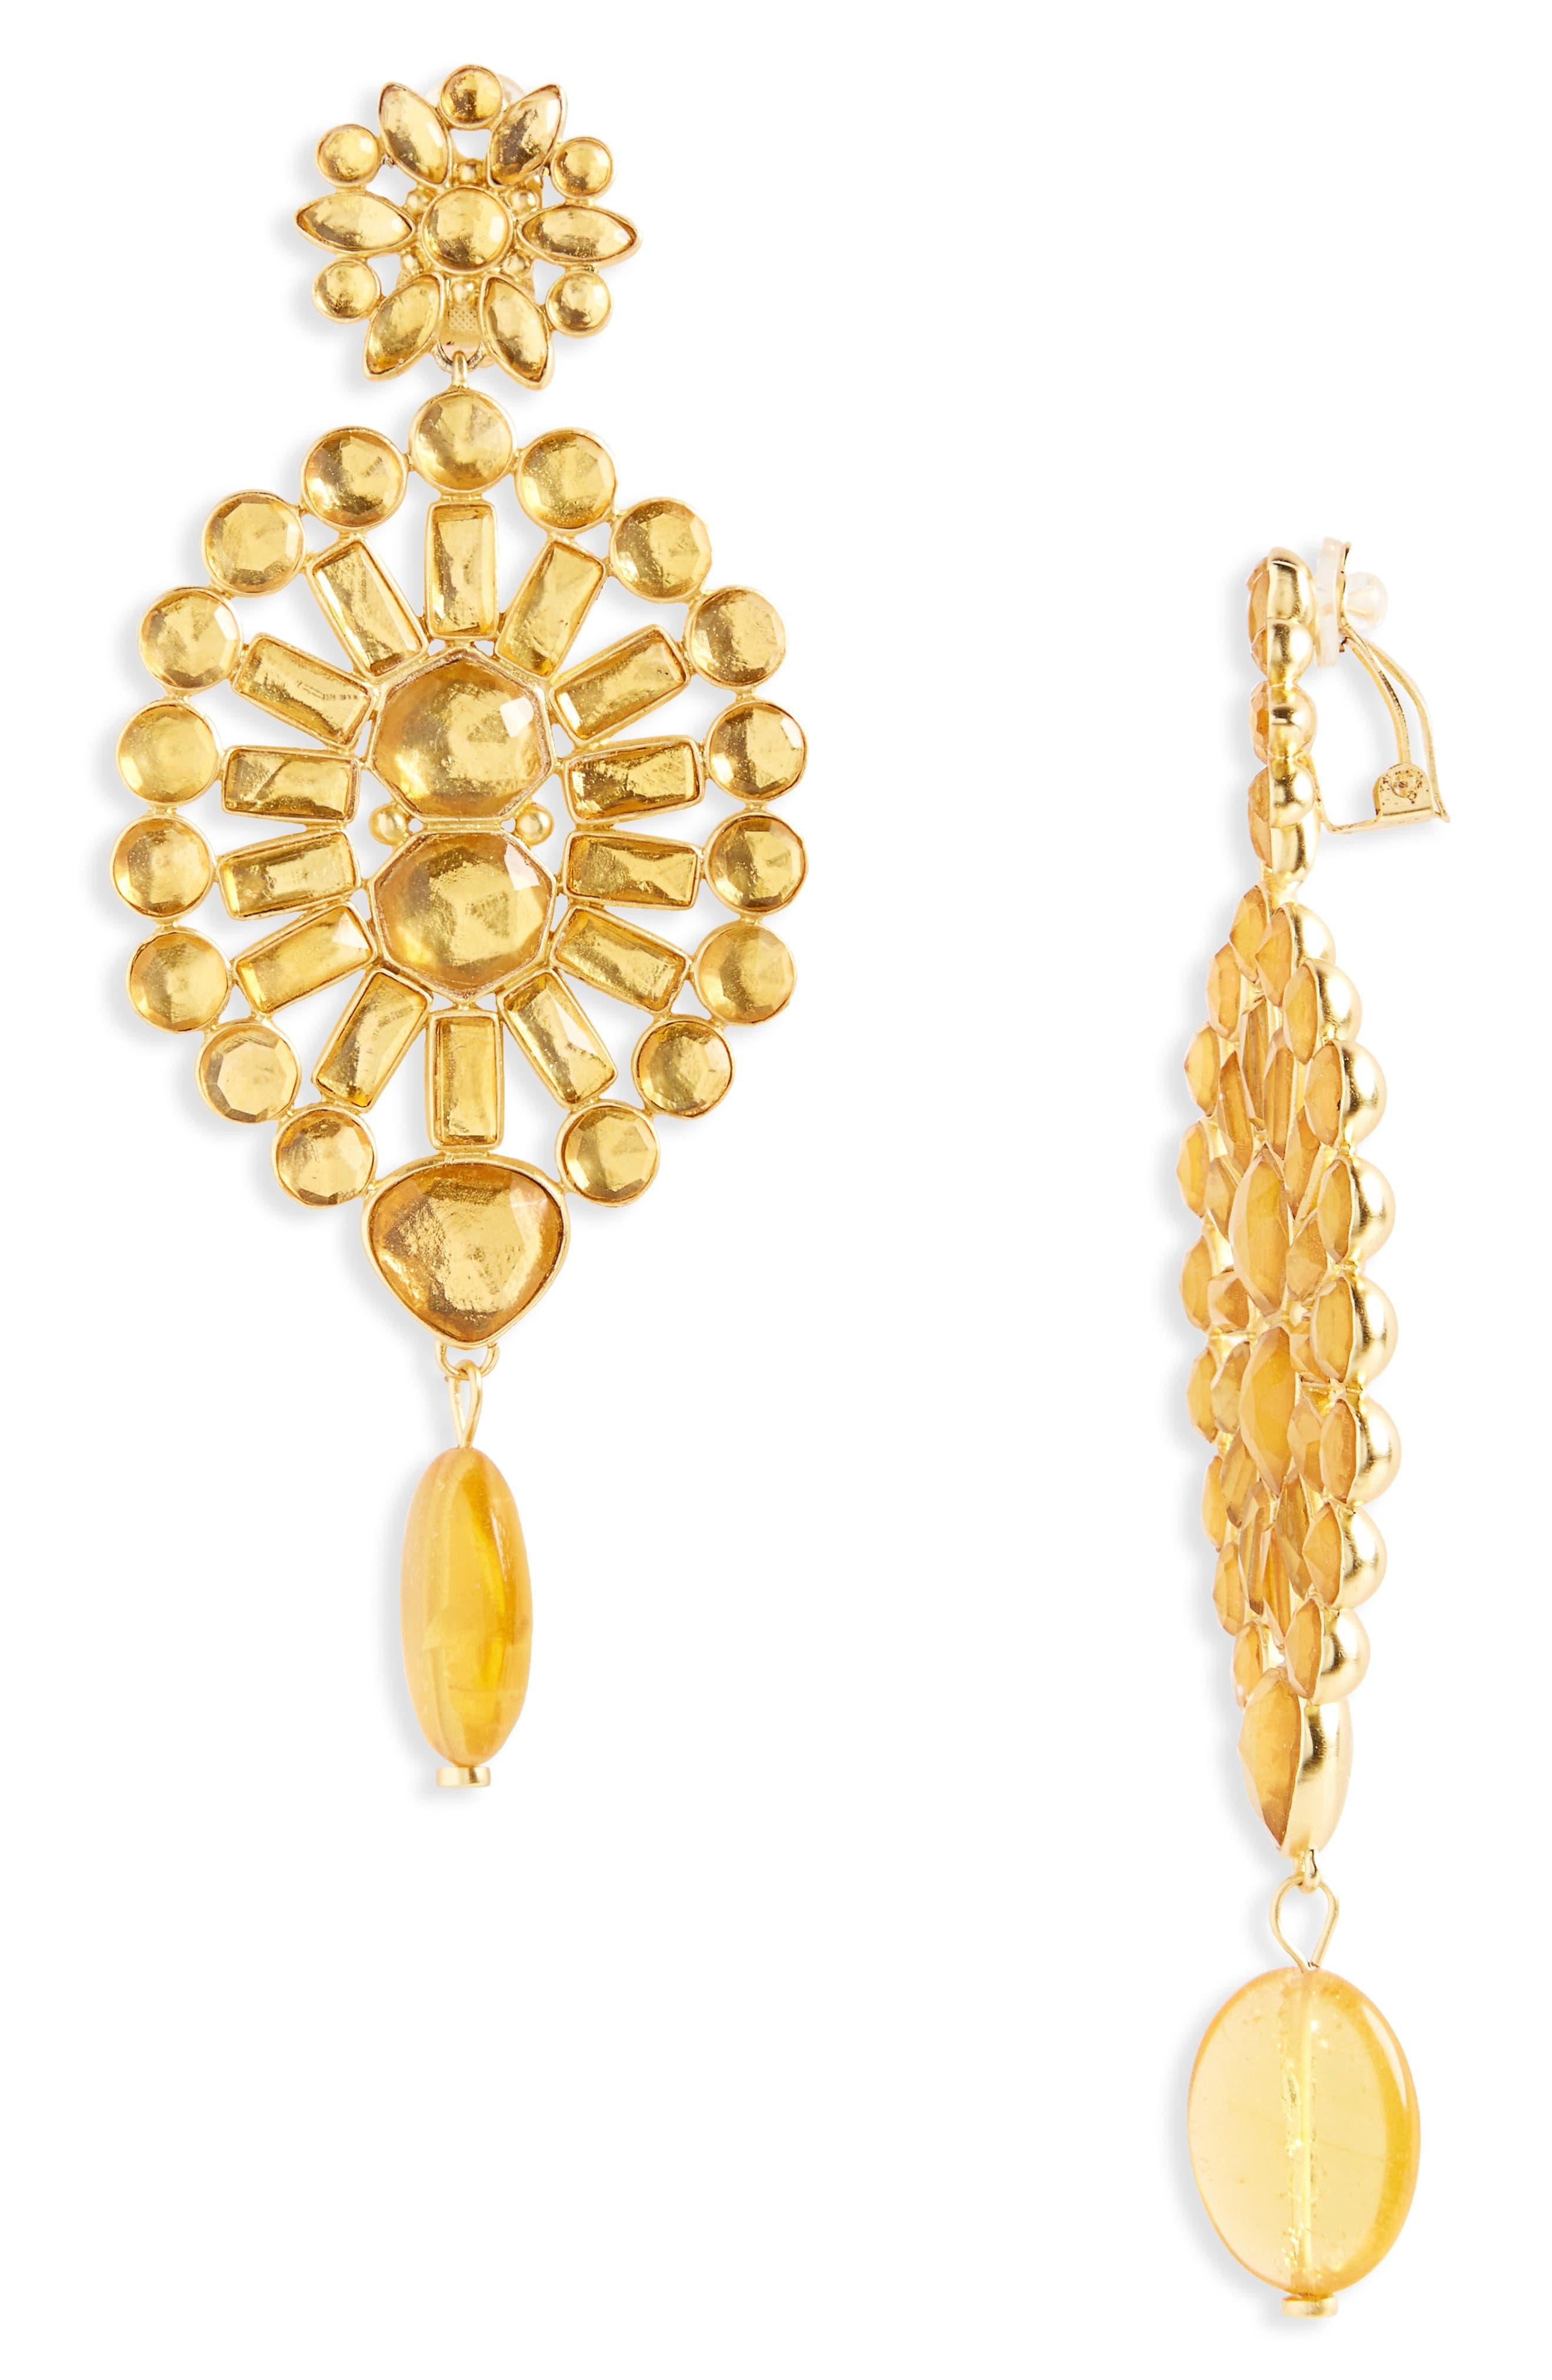 Tory Burch Embellished Chandelier Clip Earrings